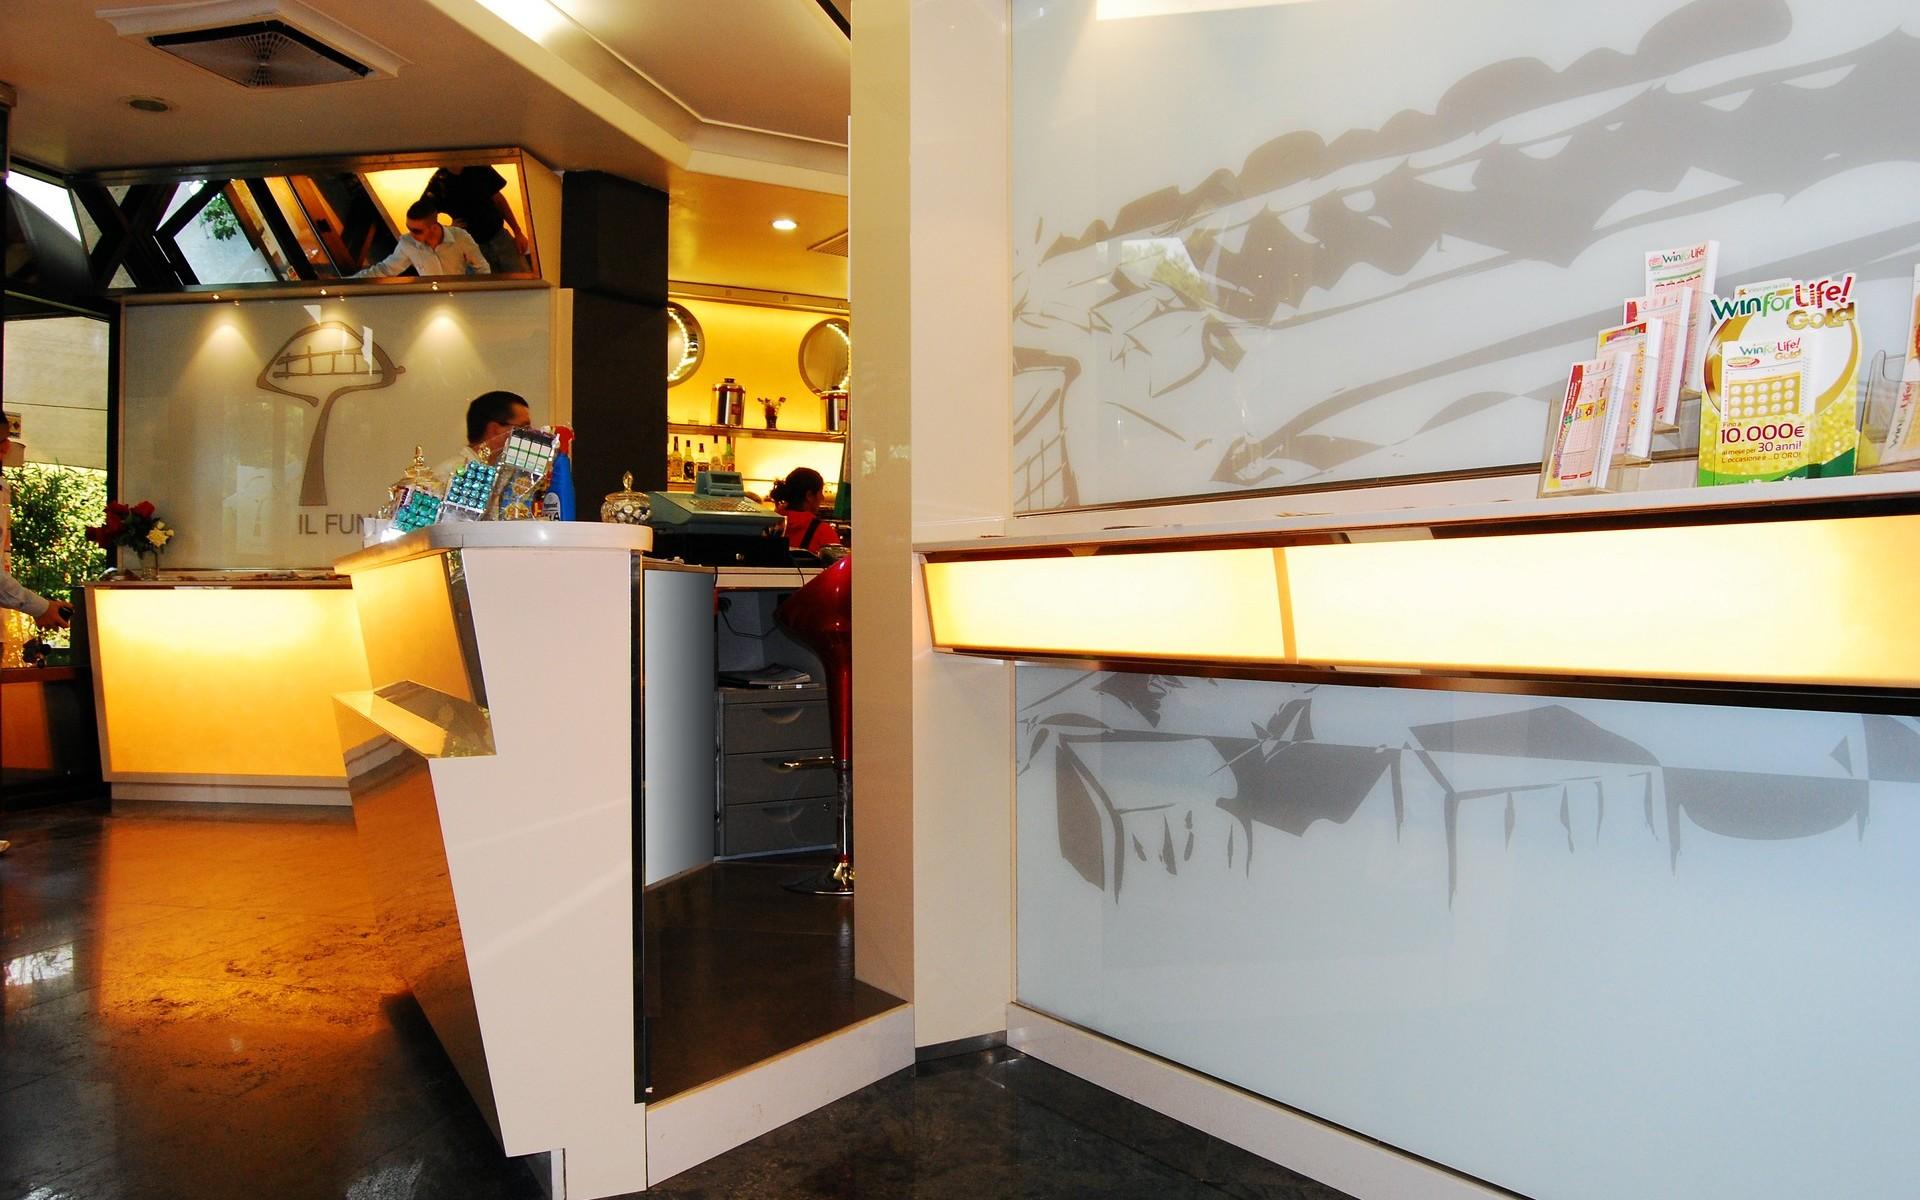 Arredamento tabaccheria e bar ristorante il fungo roma for Arredamento bar tabacchi usato